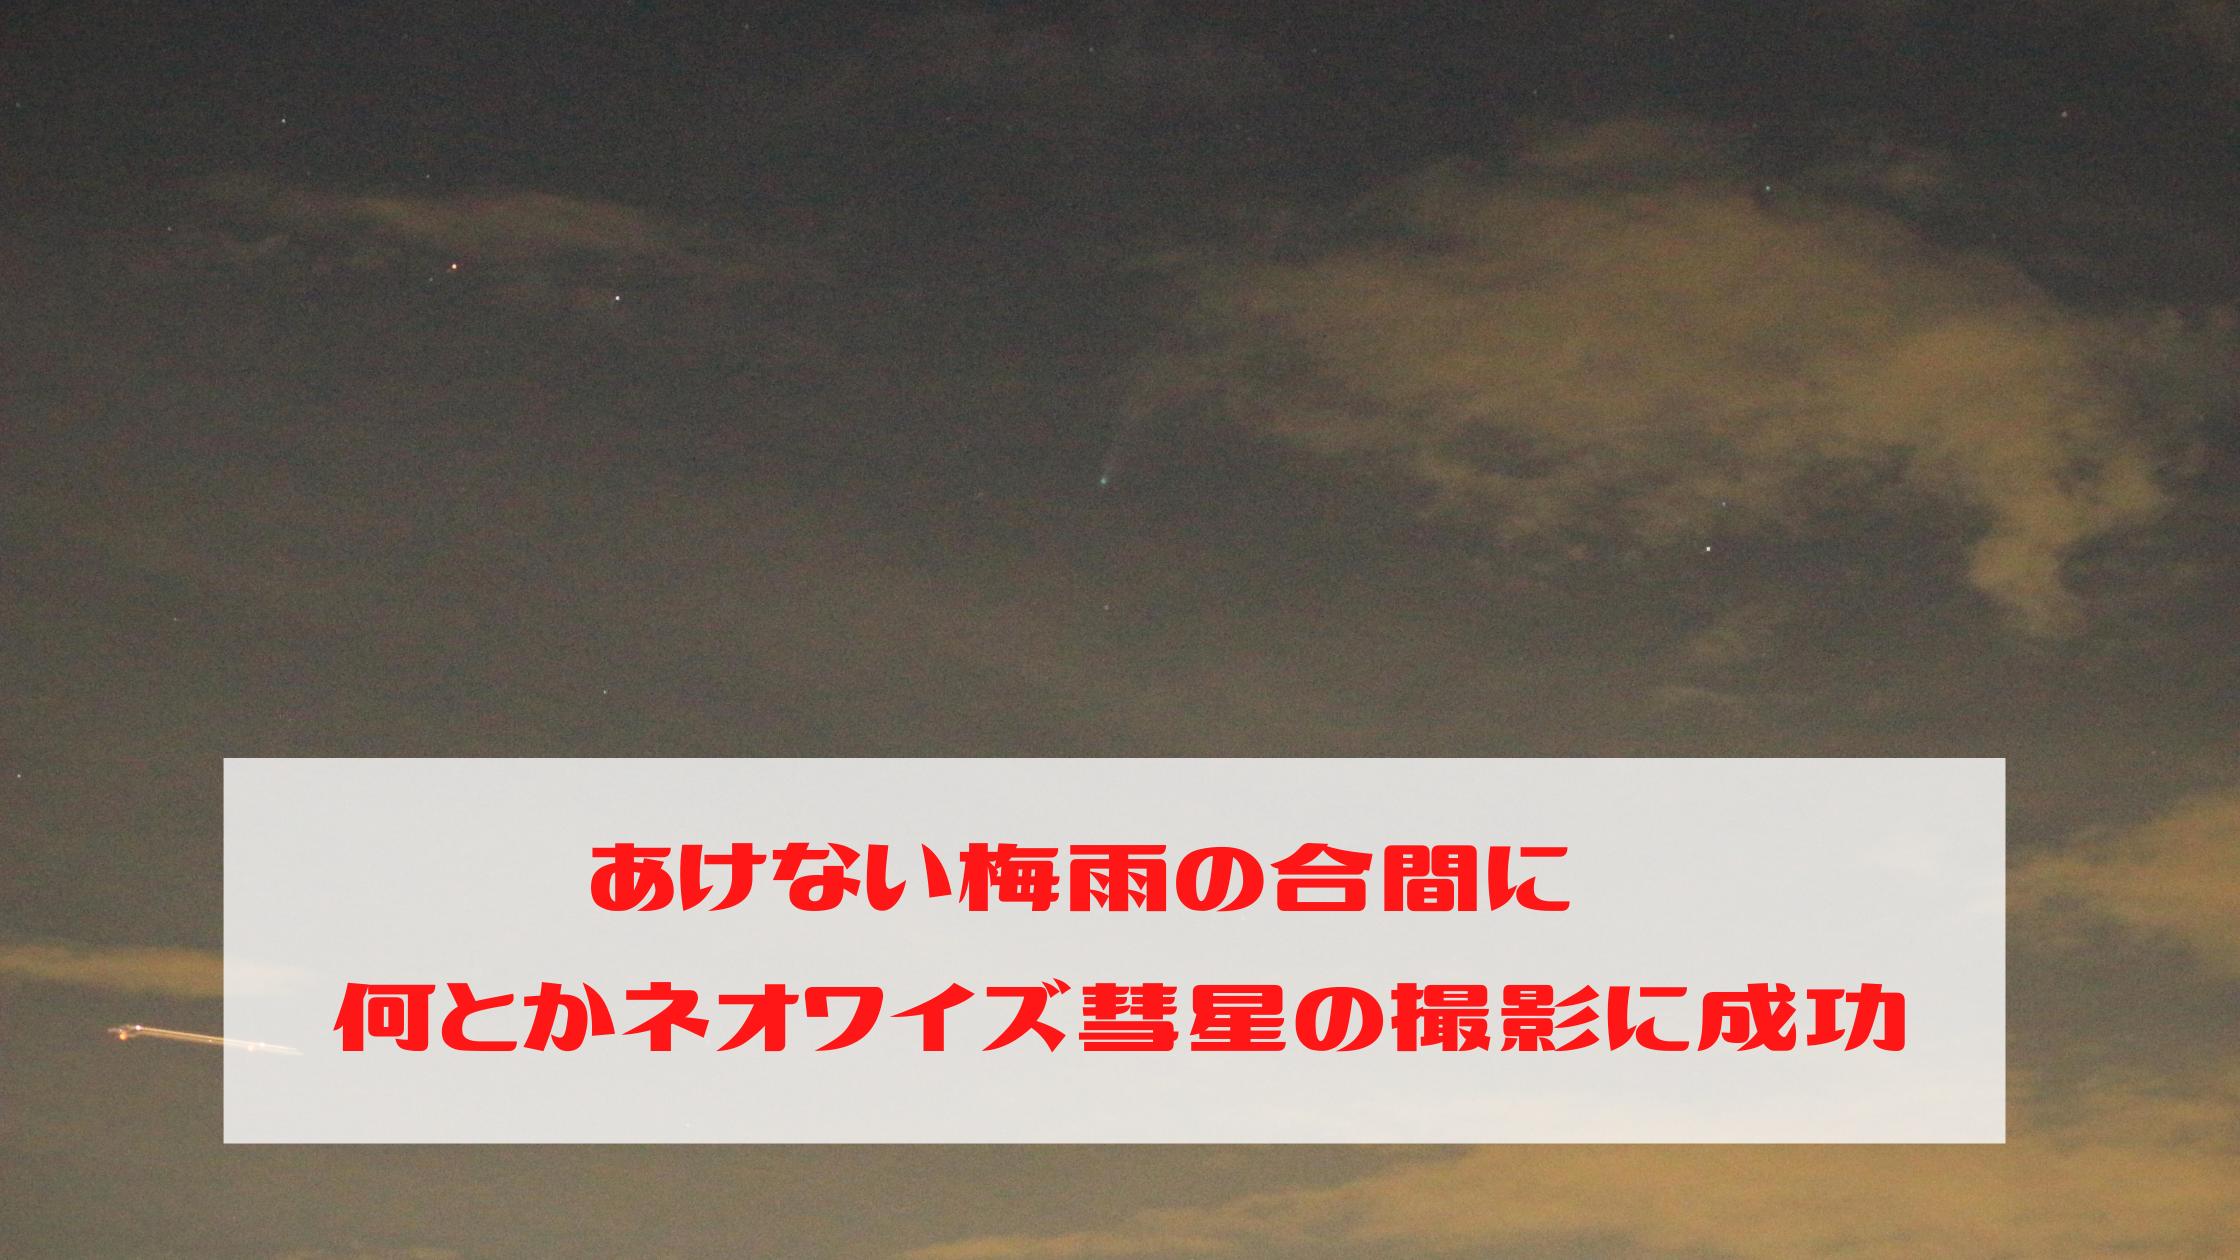 あけない梅雨の合間に何とかネオワイズ彗星の撮影に成功